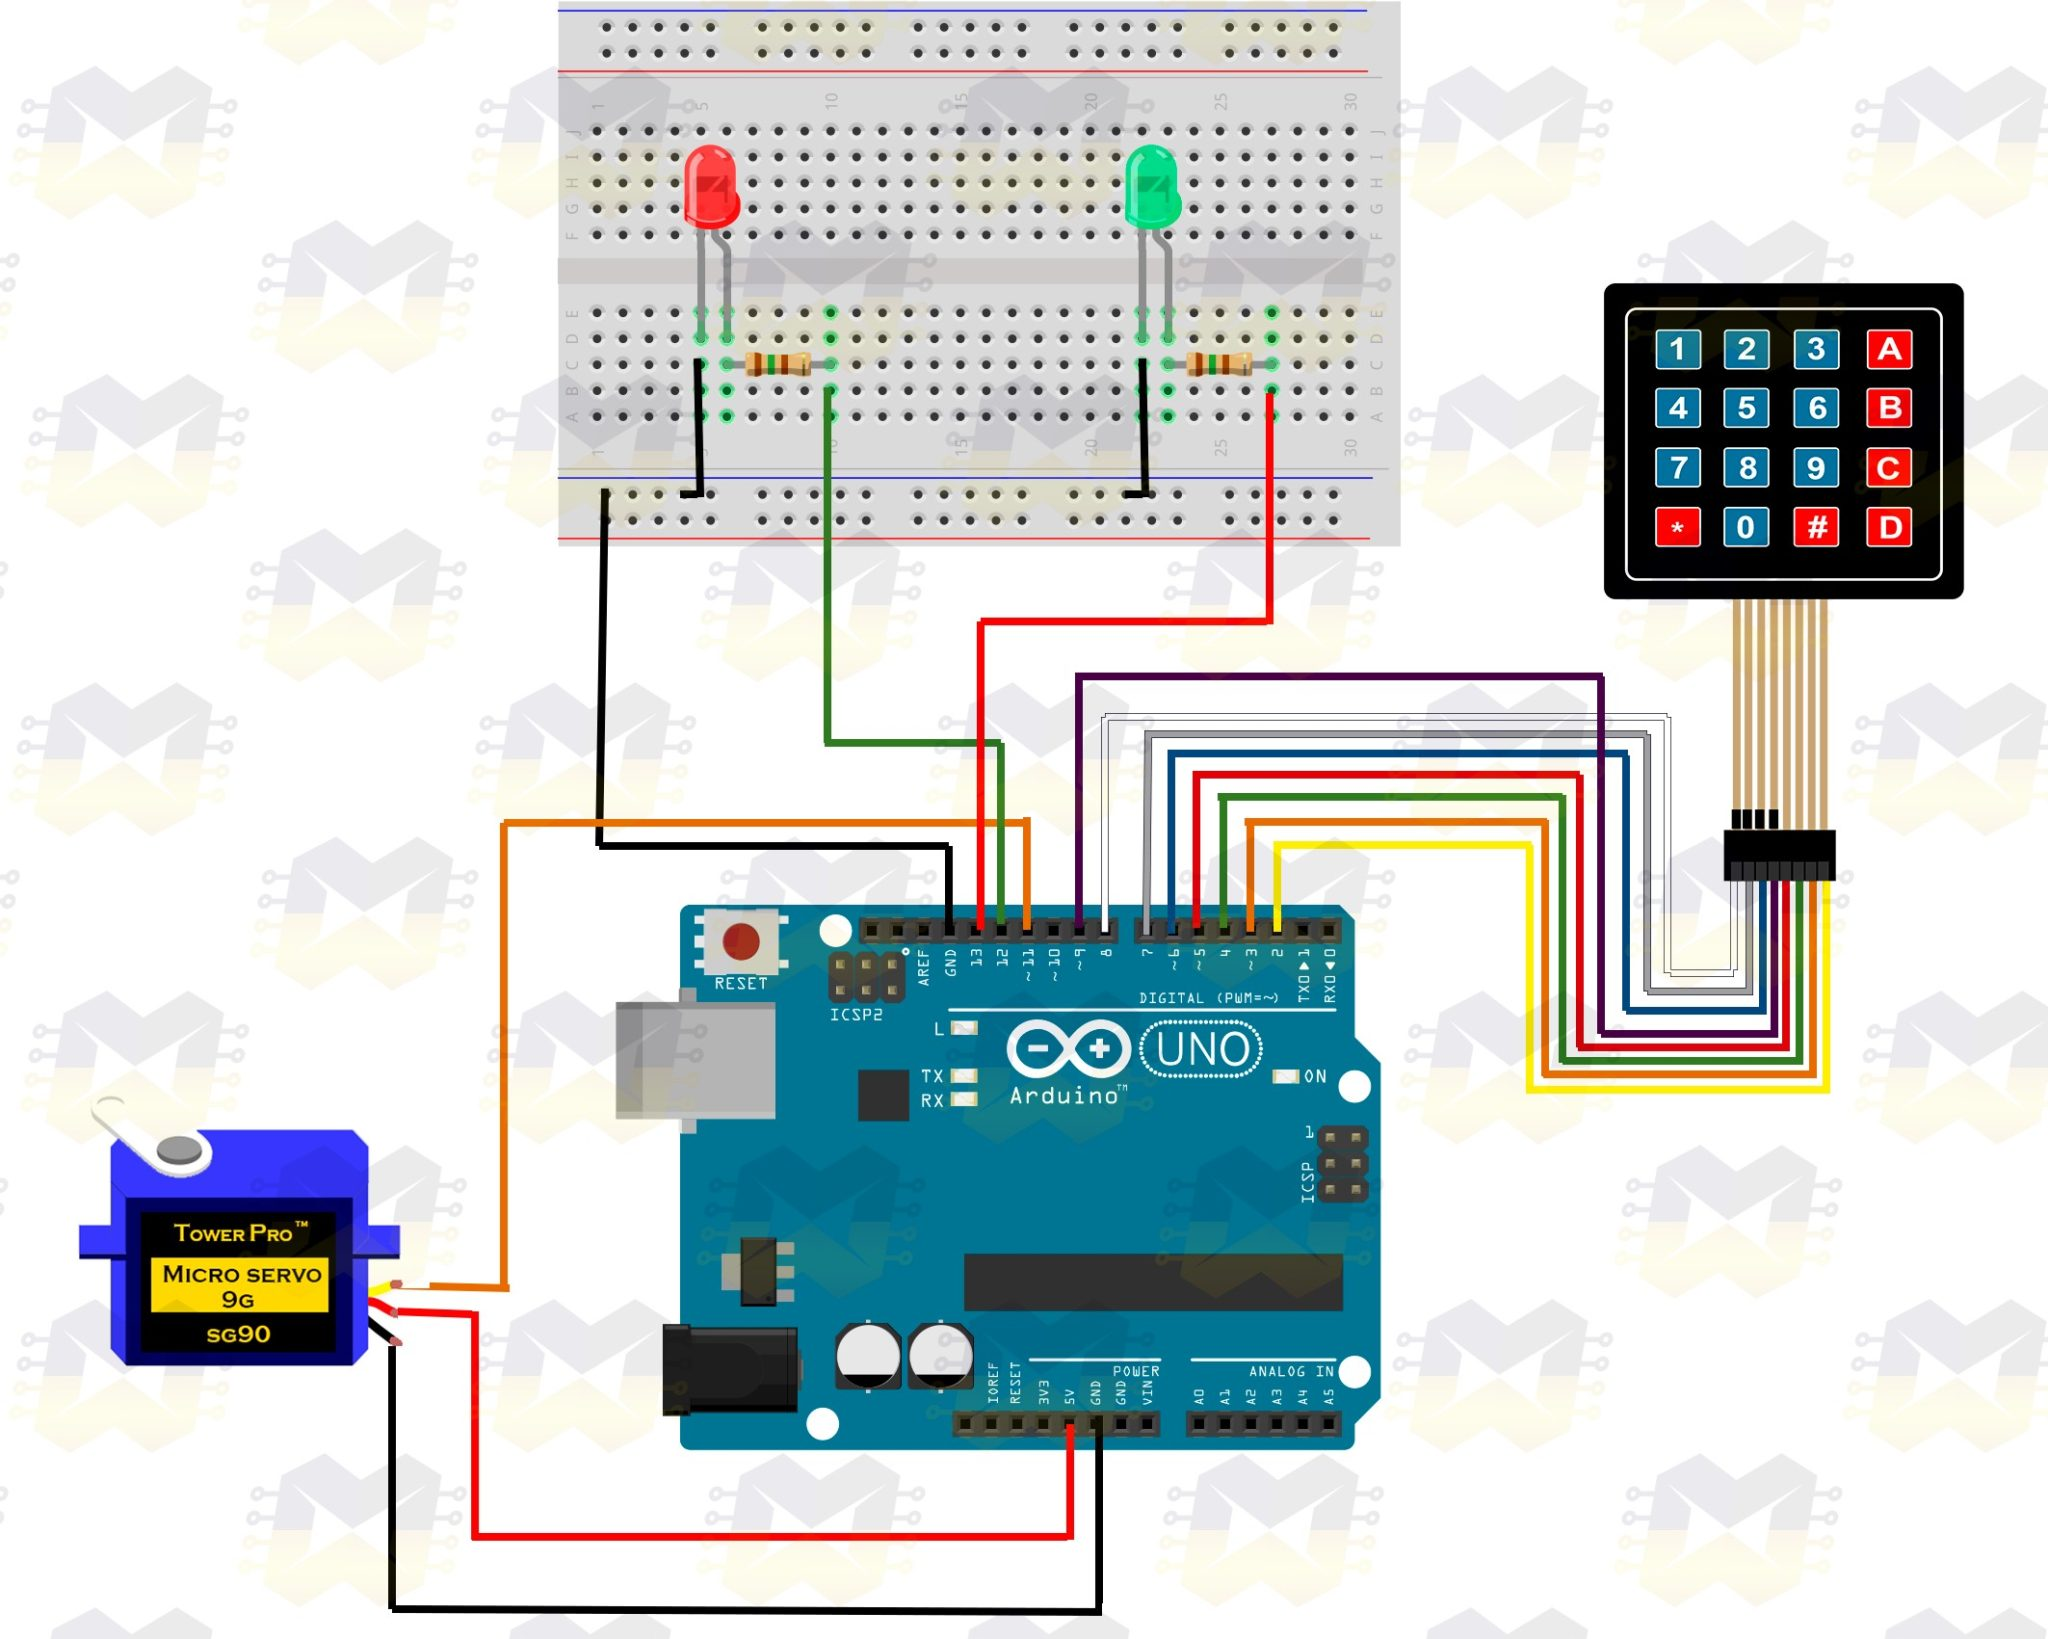 img03_arduino_simulador_de_fechadura_controlada_por_senha_micro_servo_sg90_9g_teclado_matricial_membrana_4x4